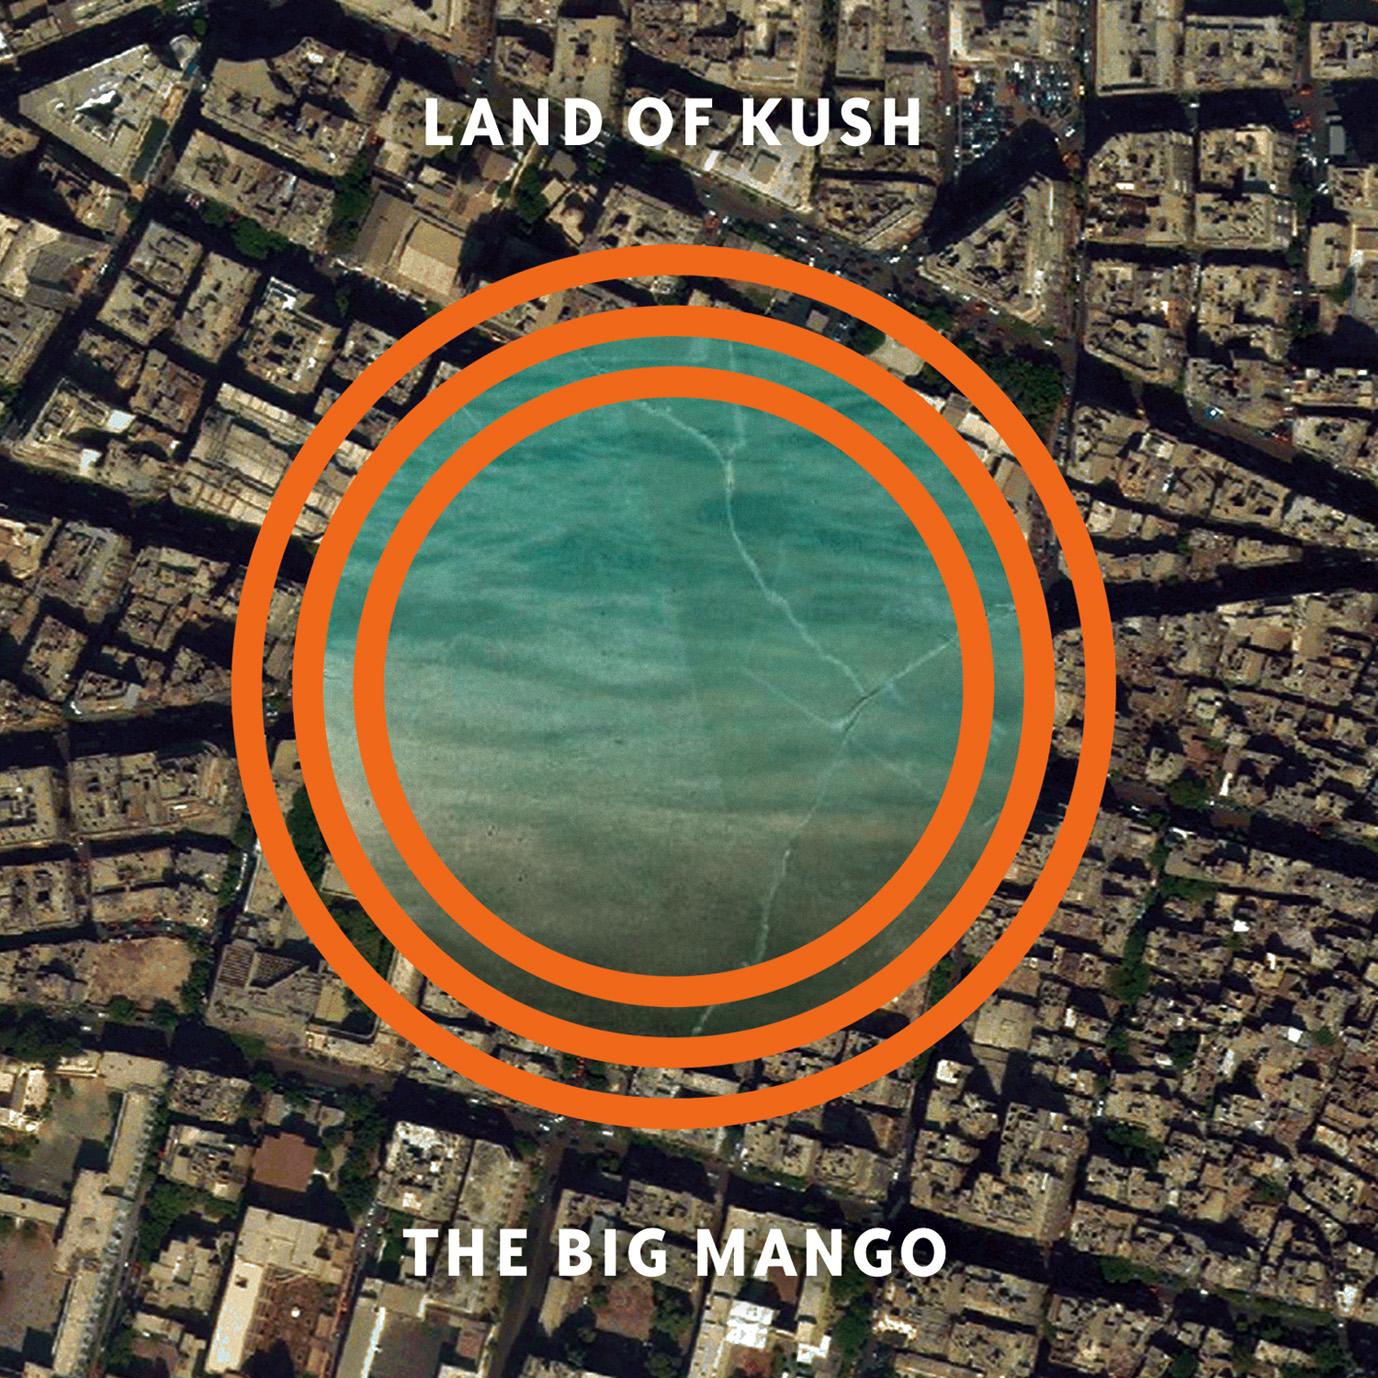 Land of Kush